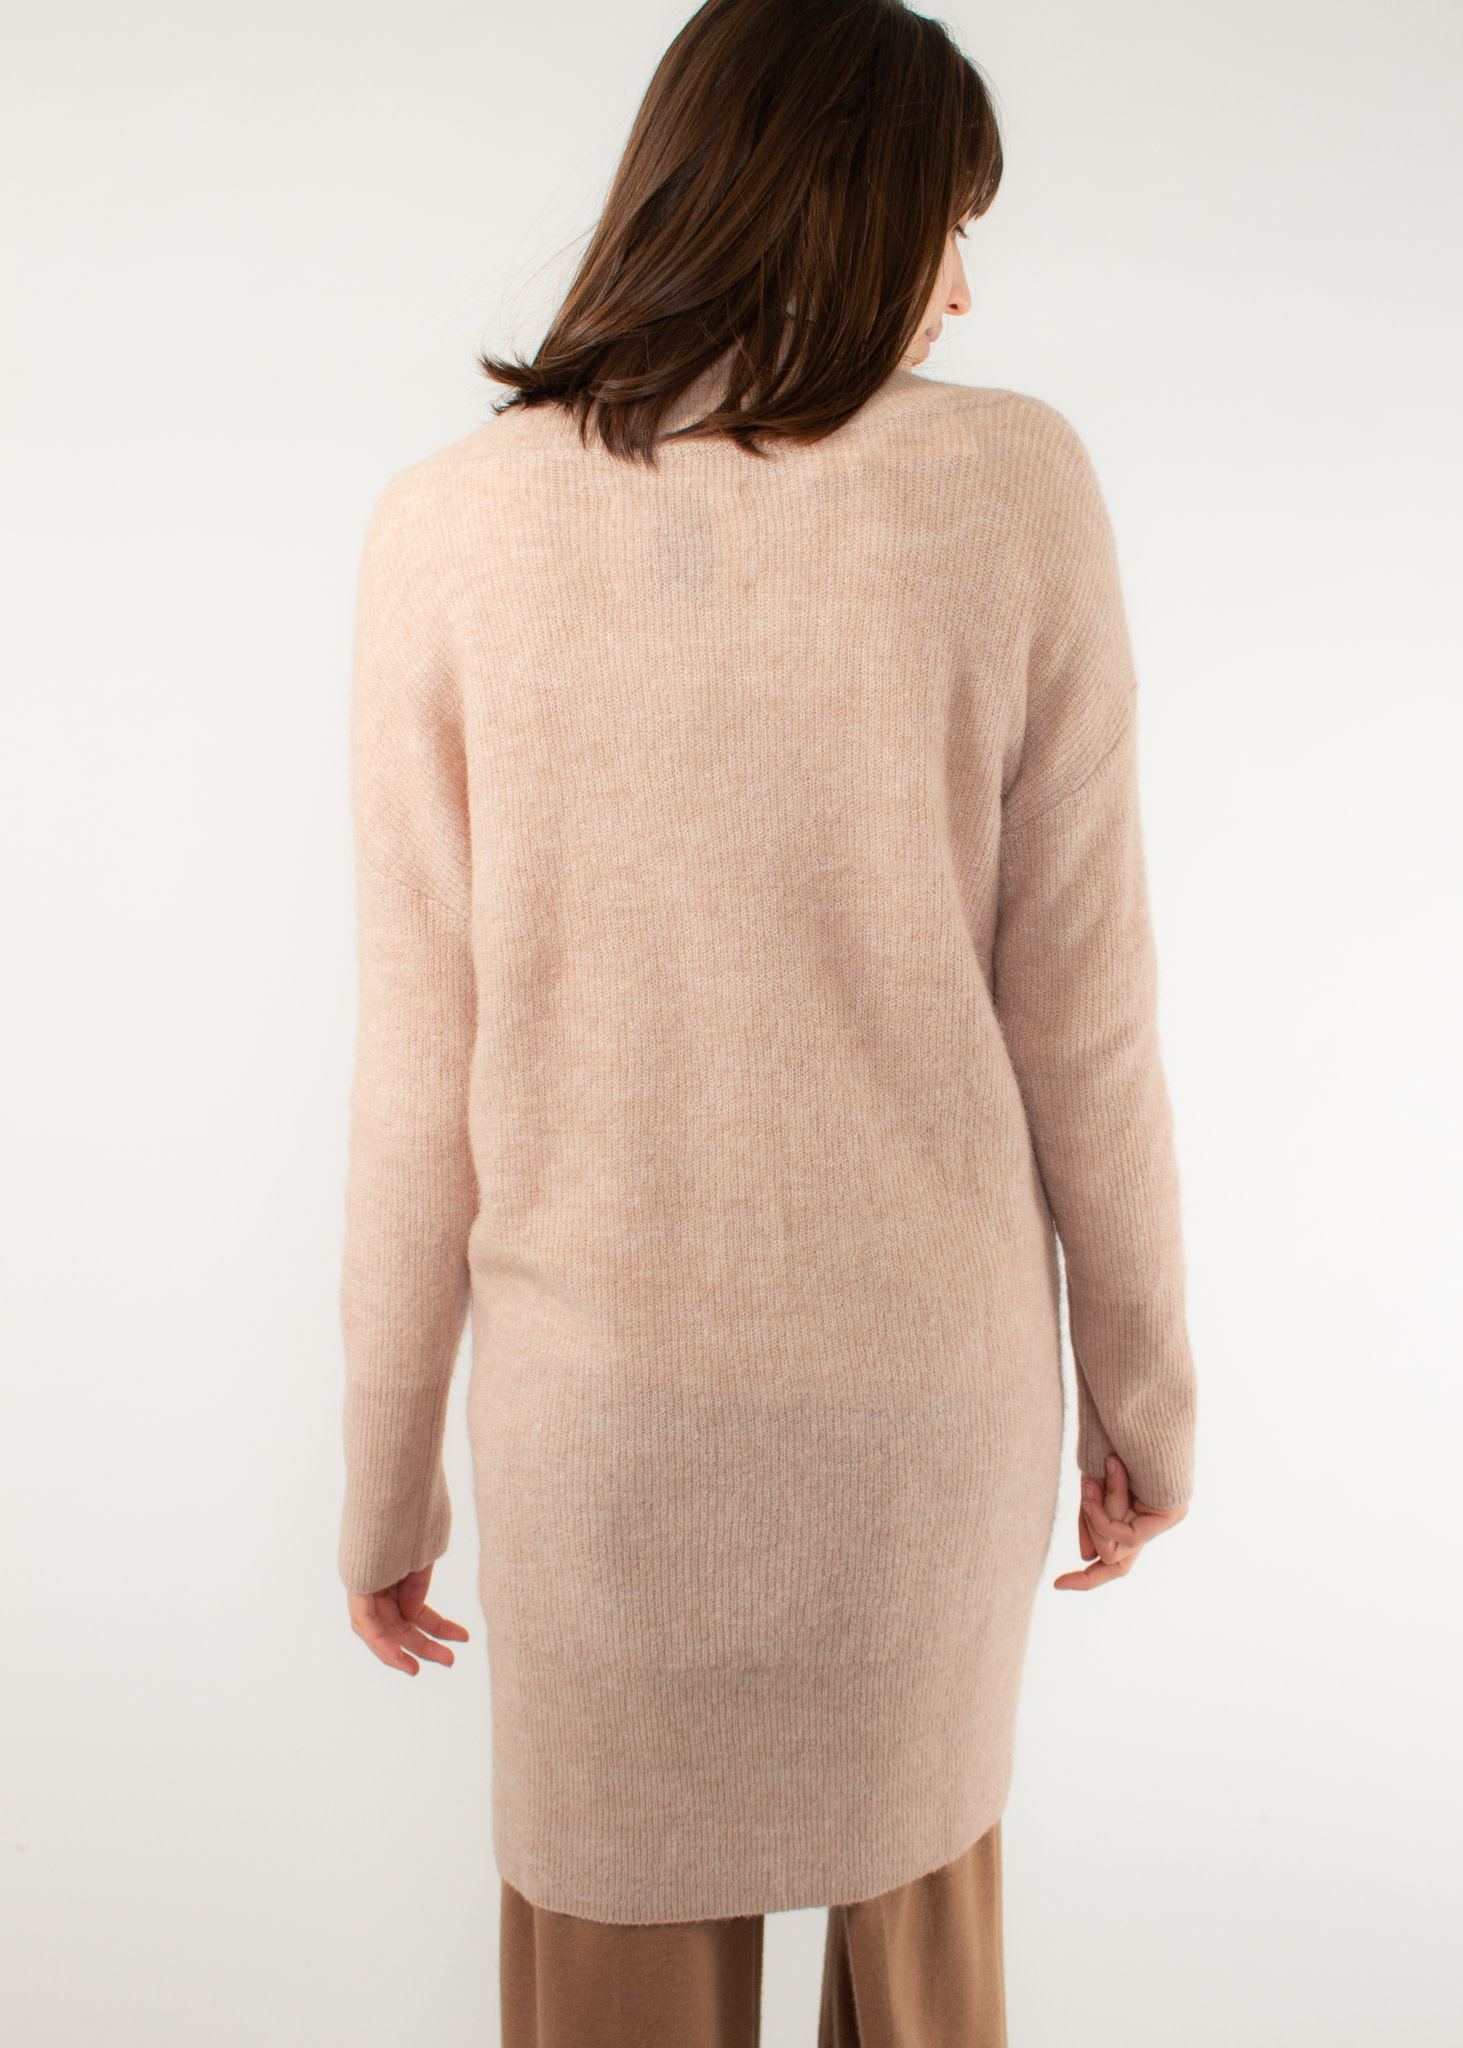 YAYA Rib knit dress with v-neck